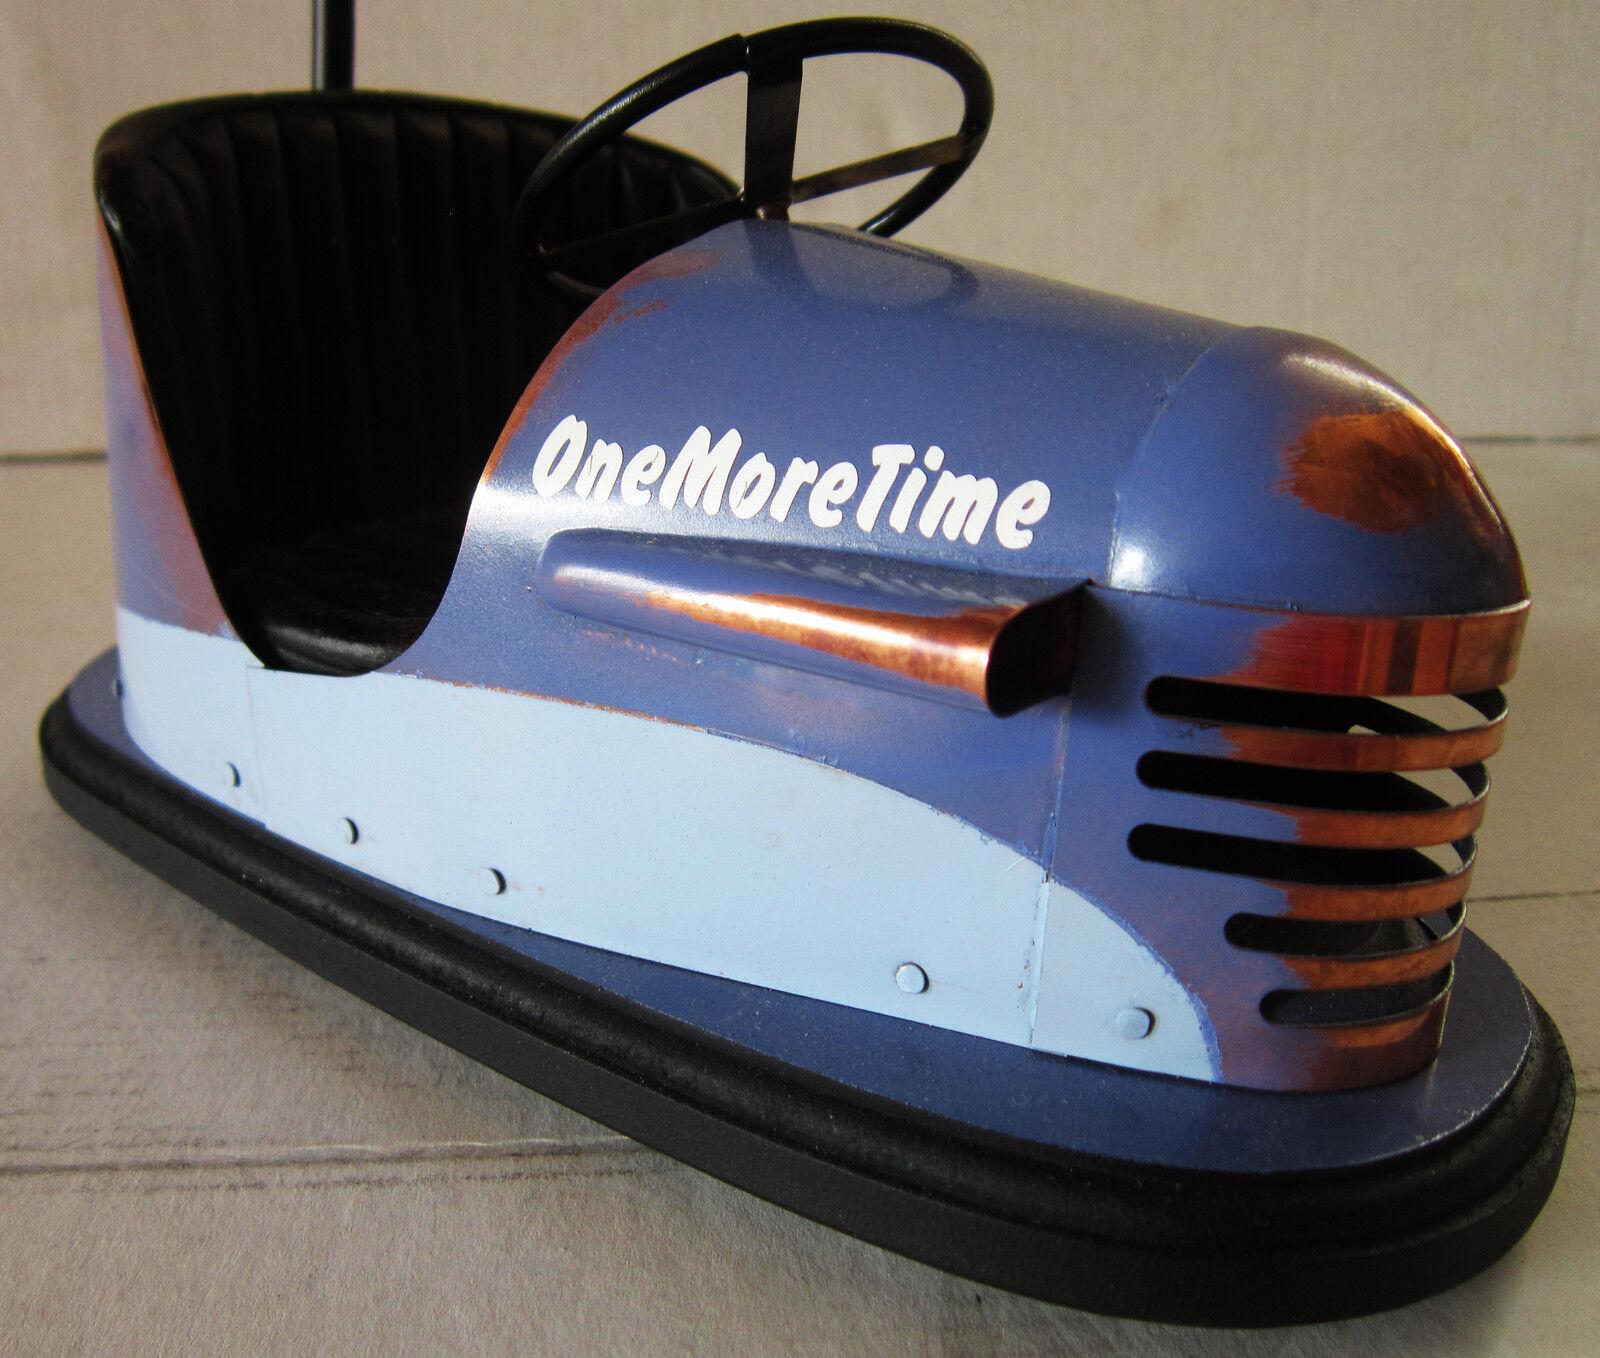 Lusse Modelo  una vez más  Lavanda coche de parachoques (Edición Limitada)